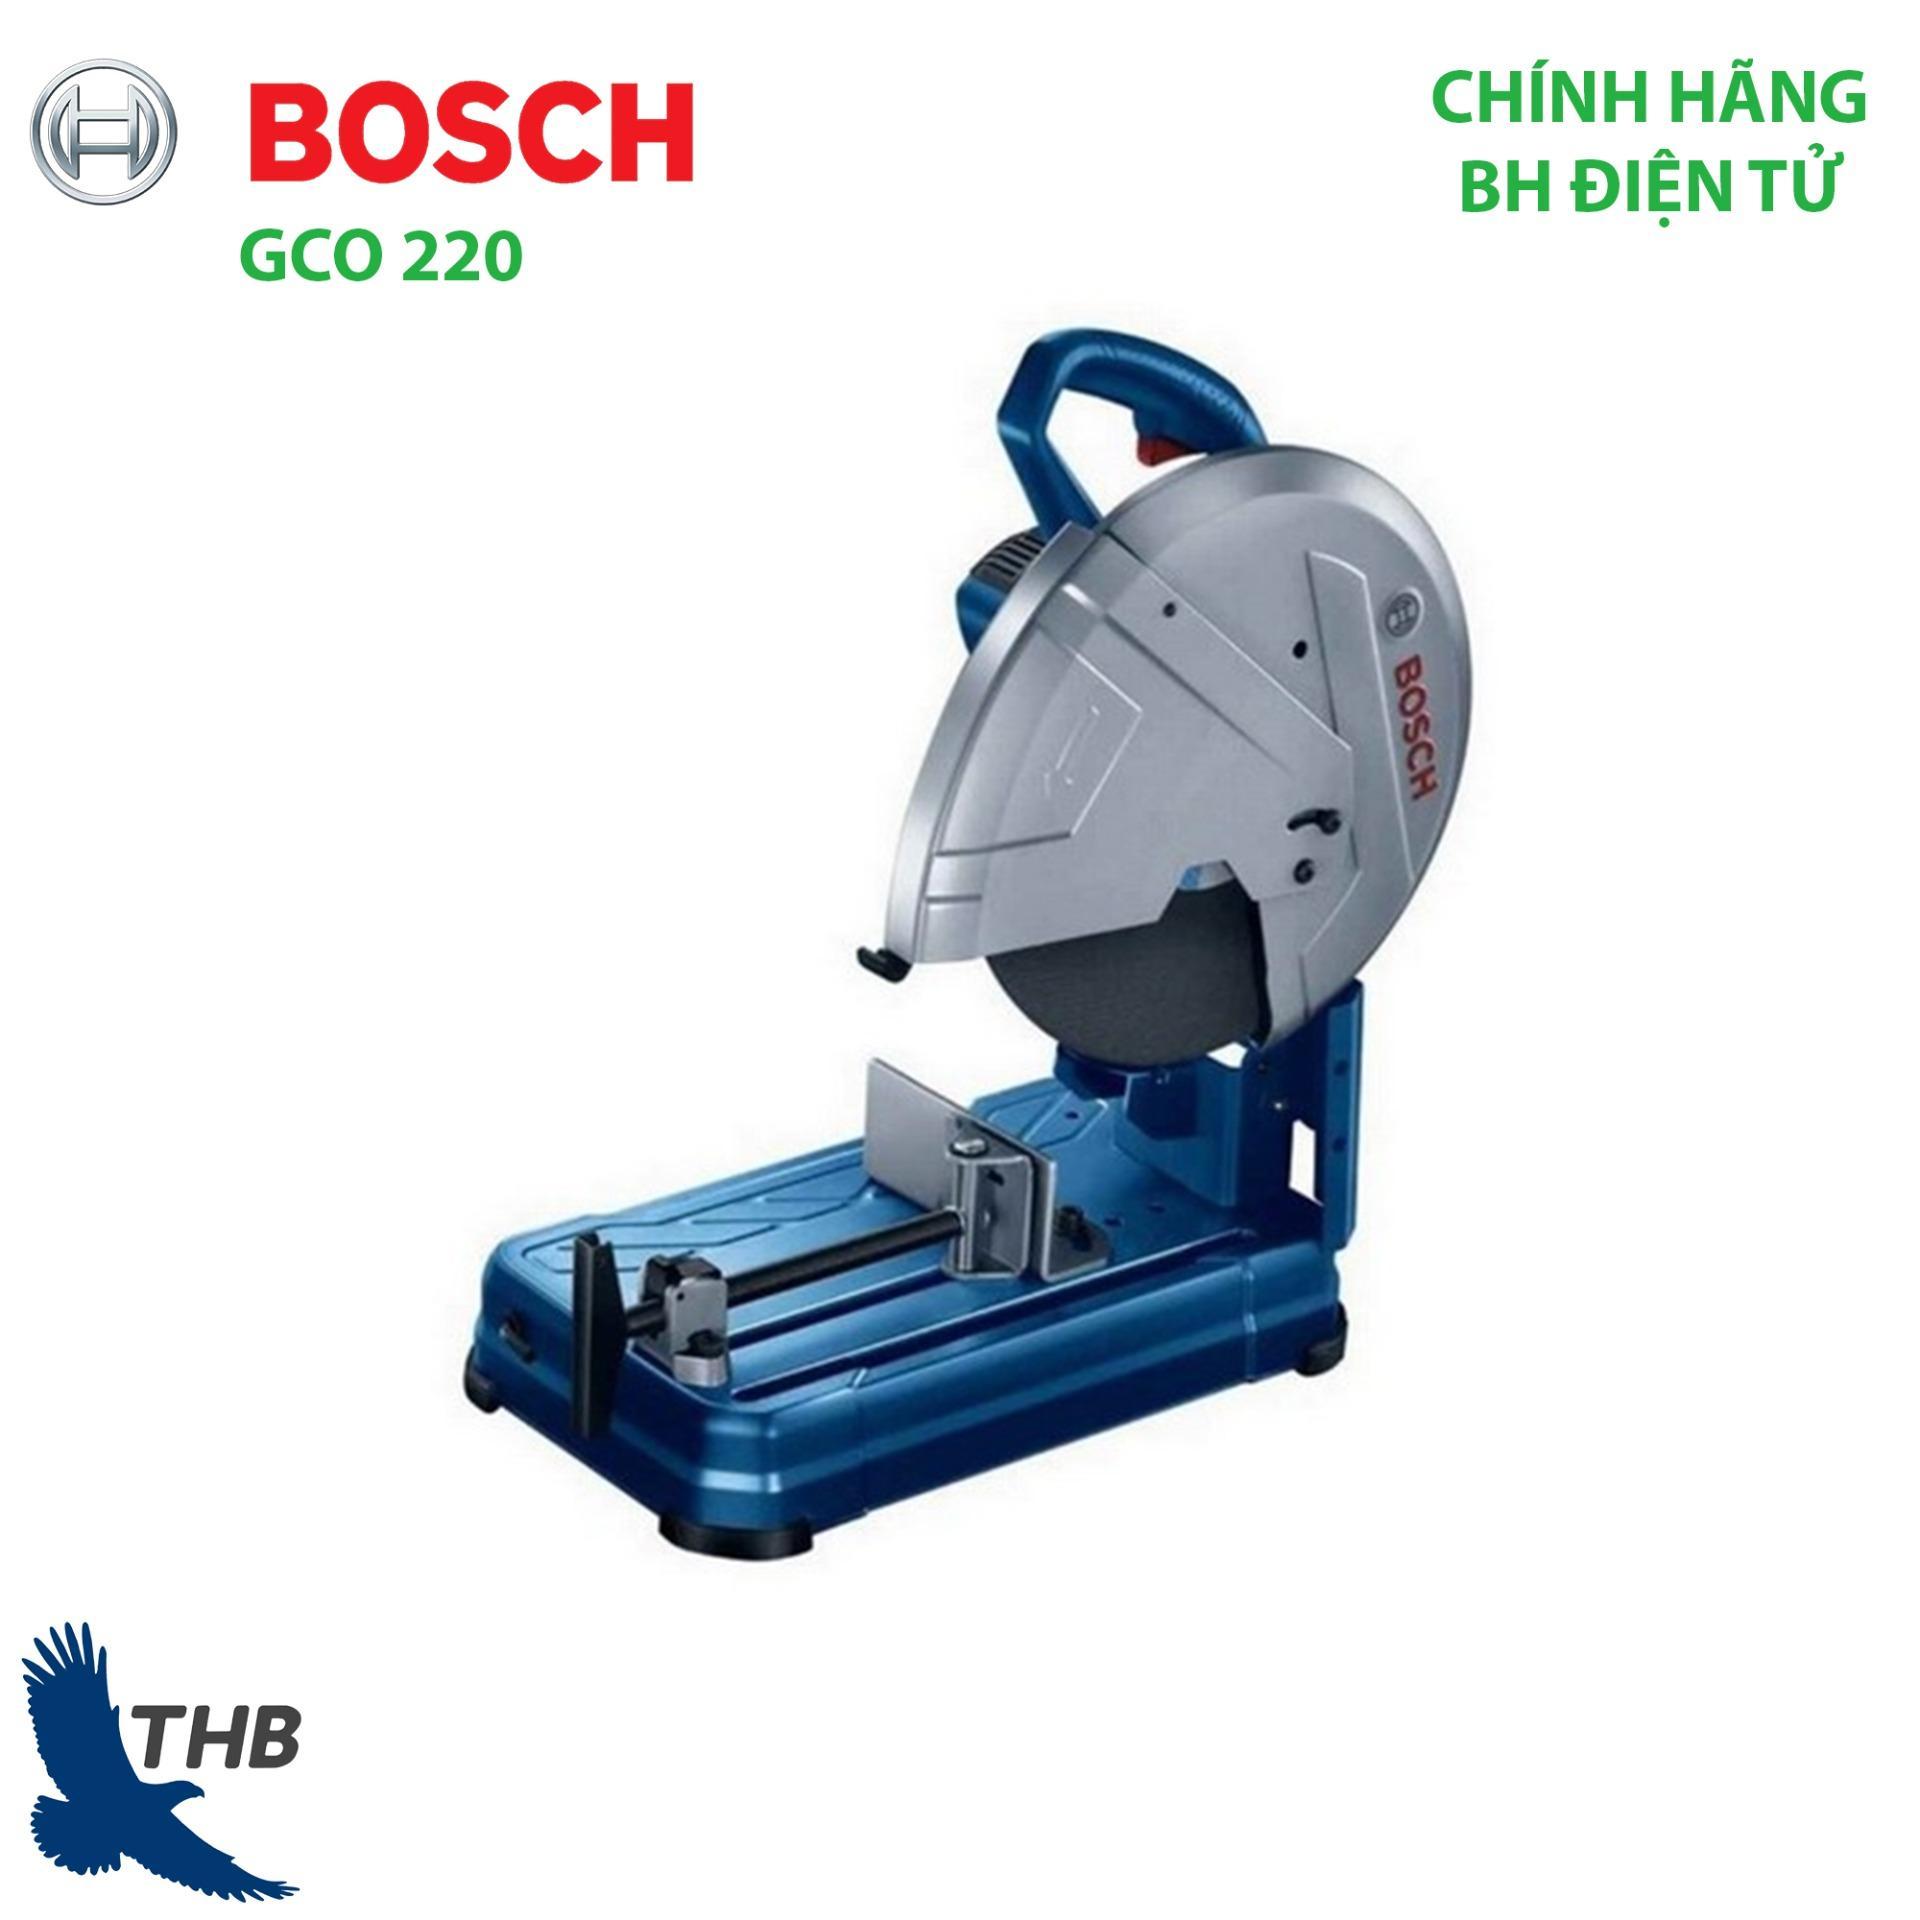 Máy cắt sắt, Máy cắt bàn, Máy cắt Bosch chính hãng GCO 220 ( Công suất 2200W, bảo hành điện tử 6 tháng) Là dòng mới của Bosch thay thế GCO 200, bán chạy số 1 năm 2019 đối với dòng máy cắt.